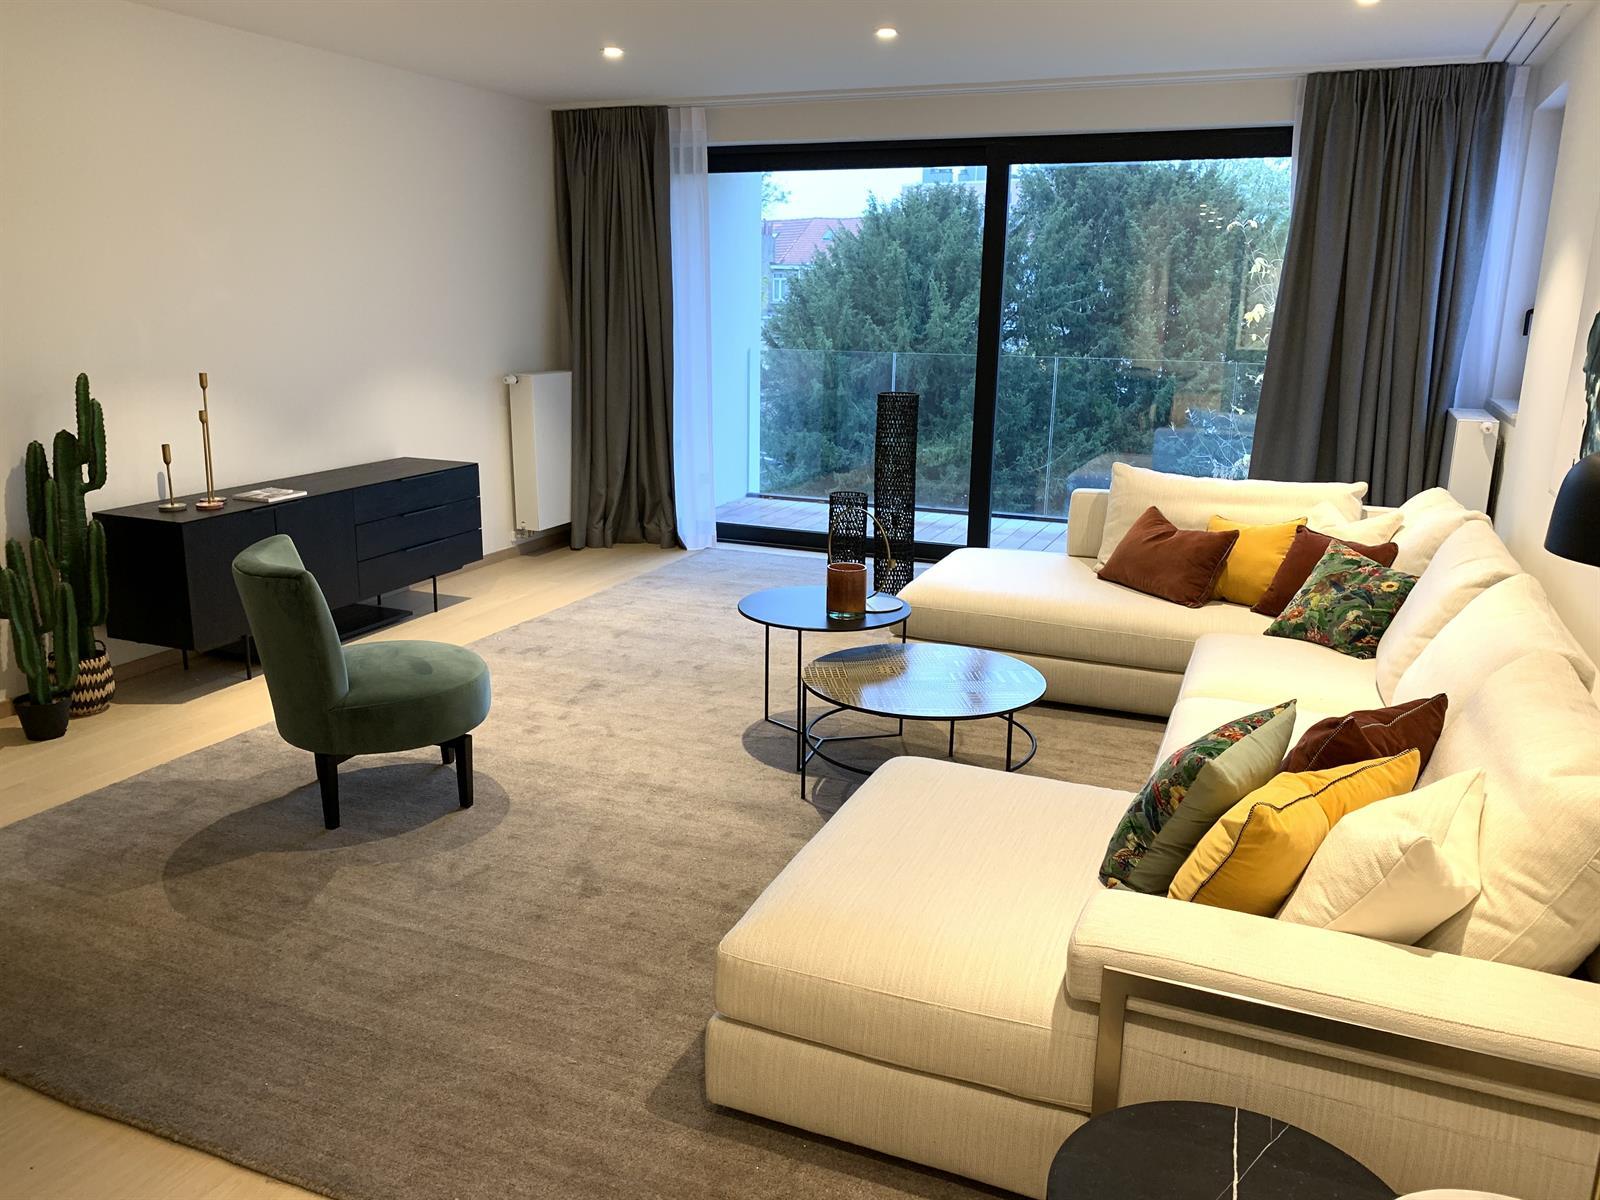 Appartement exceptionnel - Ixelles - #3929607-2